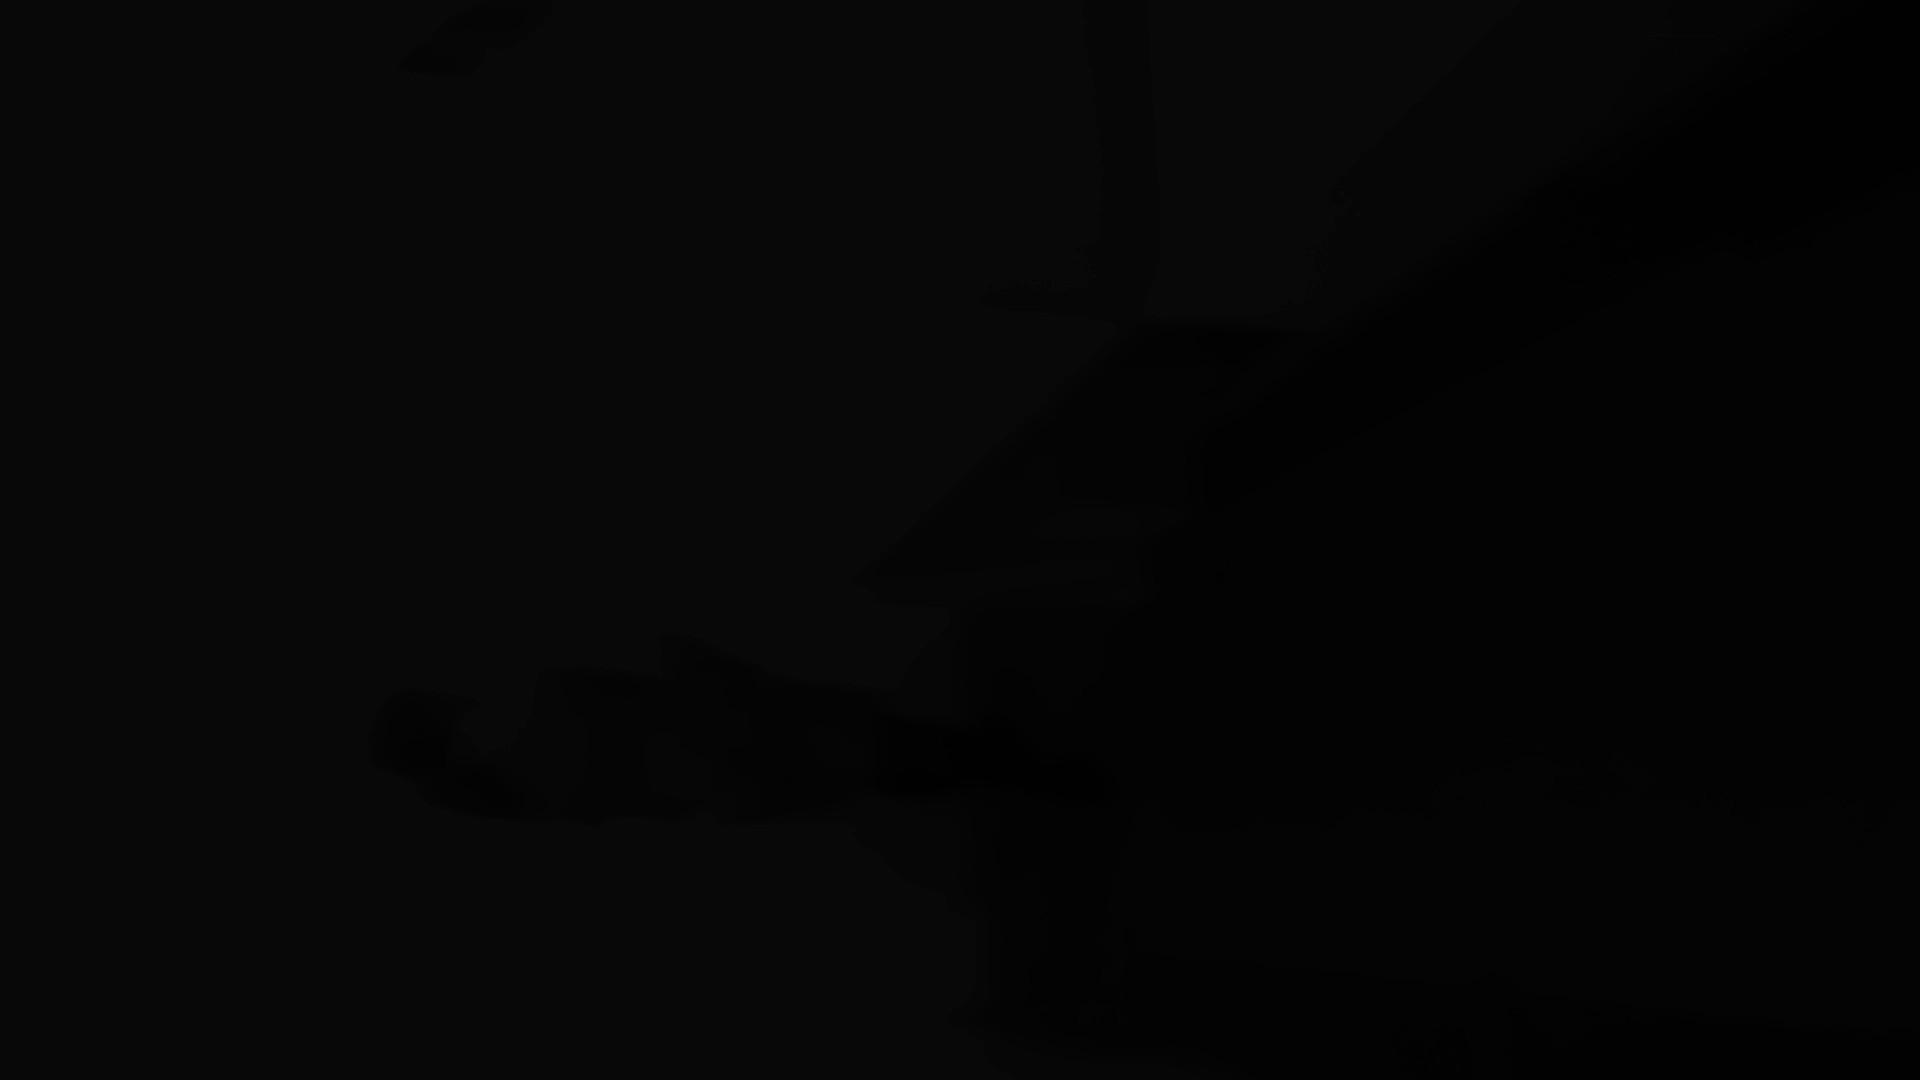 芸術大学ガチ潜入盗撮 JD盗撮 美女の洗面所の秘密 Vol.98 OLの実態 覗きオメコ動画キャプチャ 38pic 14